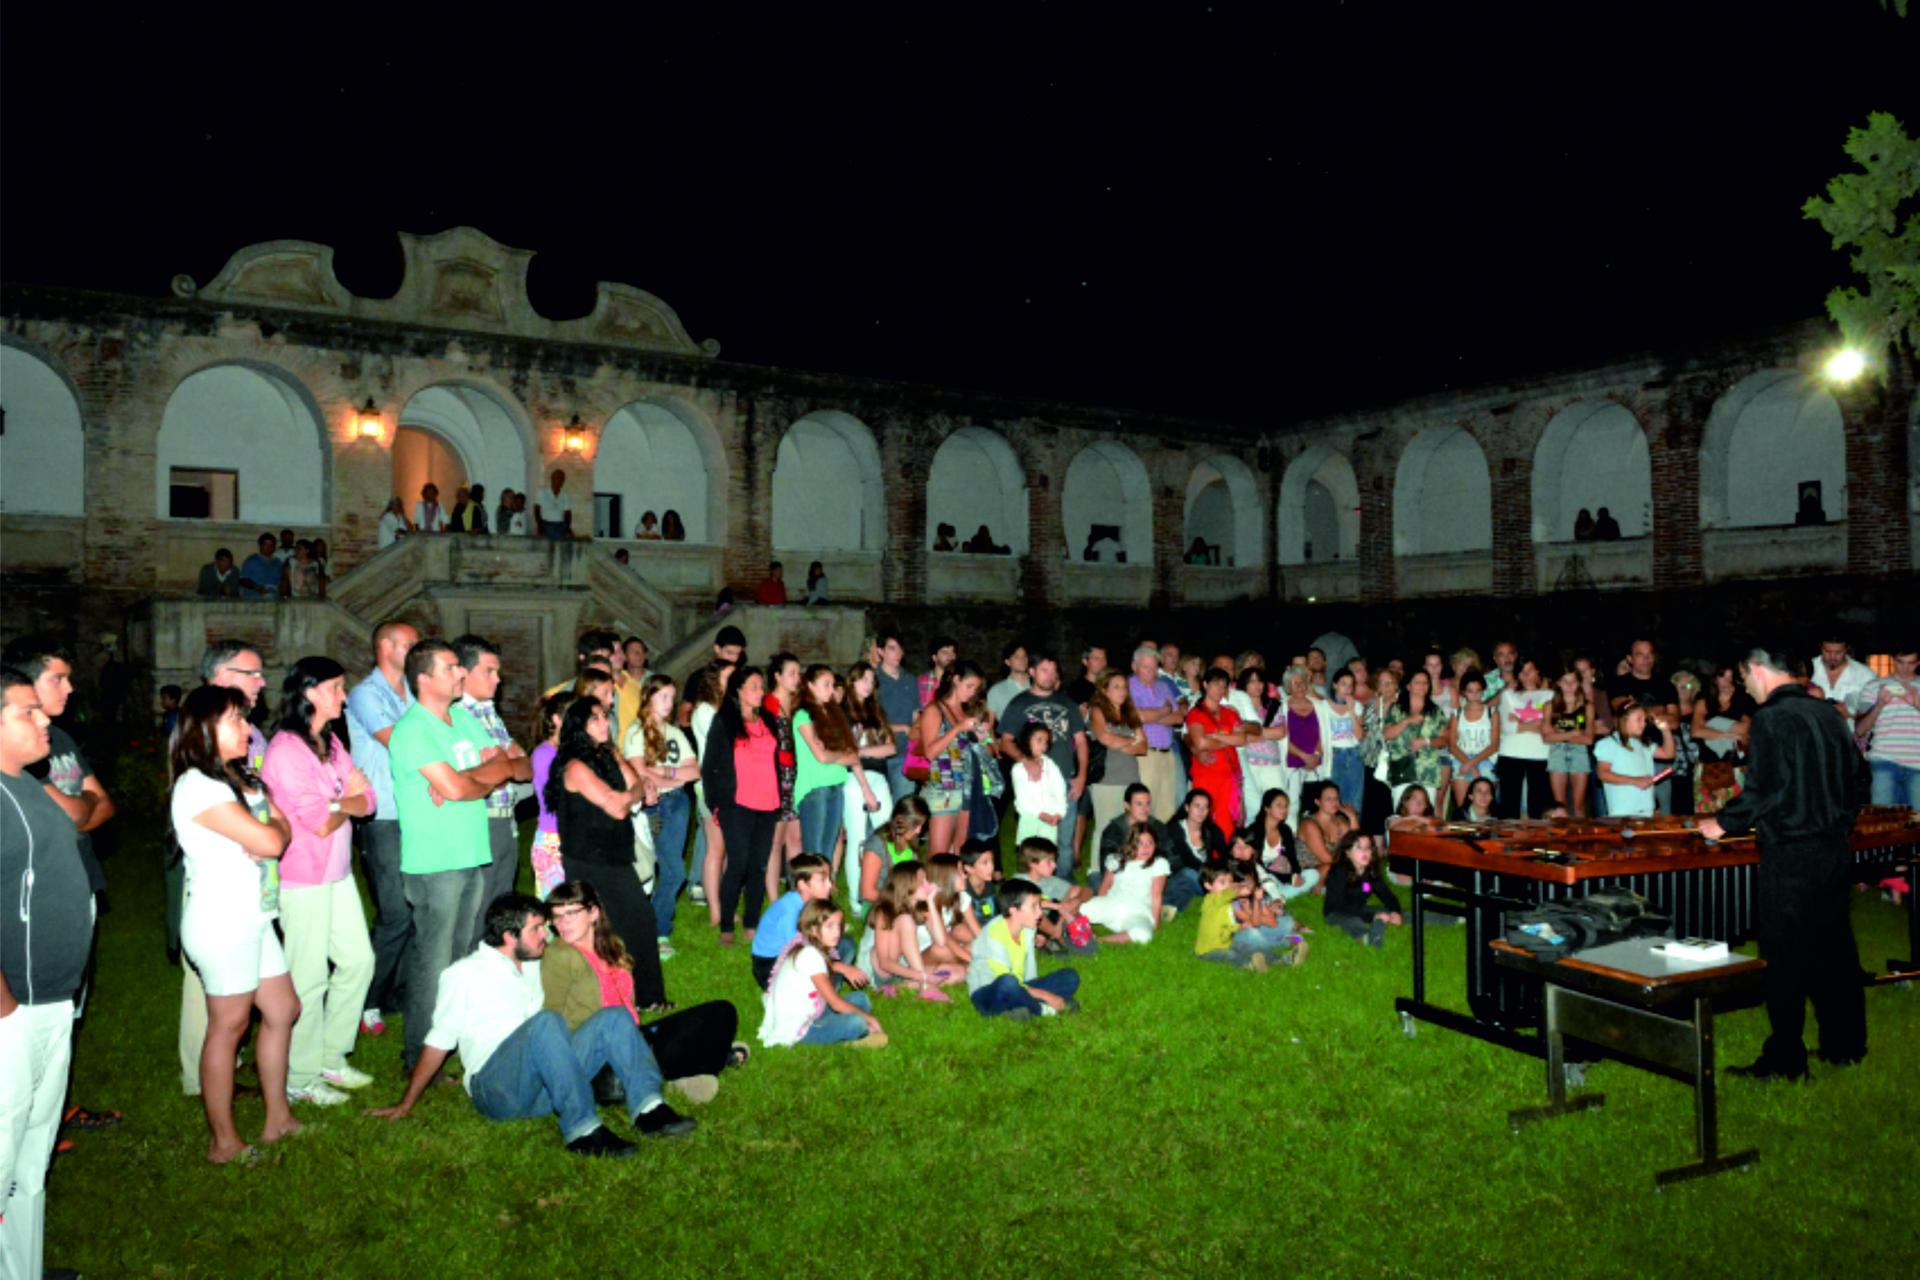 espectáculos musicales a cargo de los artistas Mauricio Córdoba, César Mora y Anibal Martinoli son una de las actividades de la noche de los museos